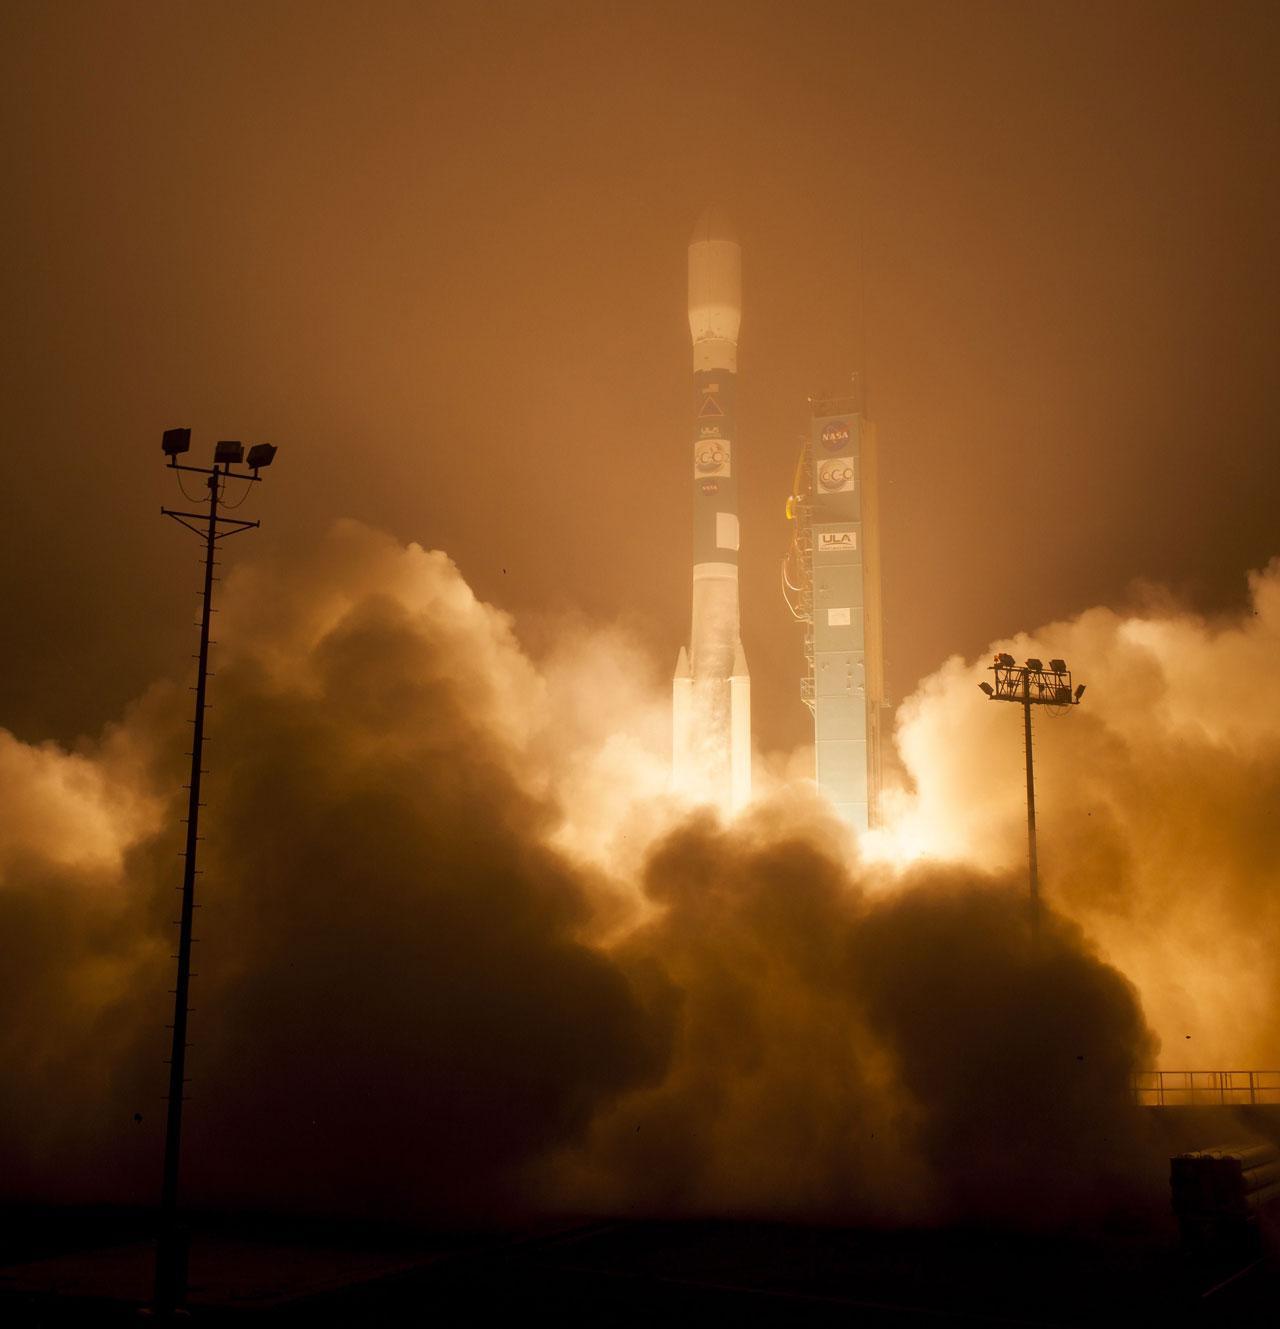 จรวดเดลตา ทู พร้อมดาวเทียม OCO-2 ทะยานขึ้นฟ้า